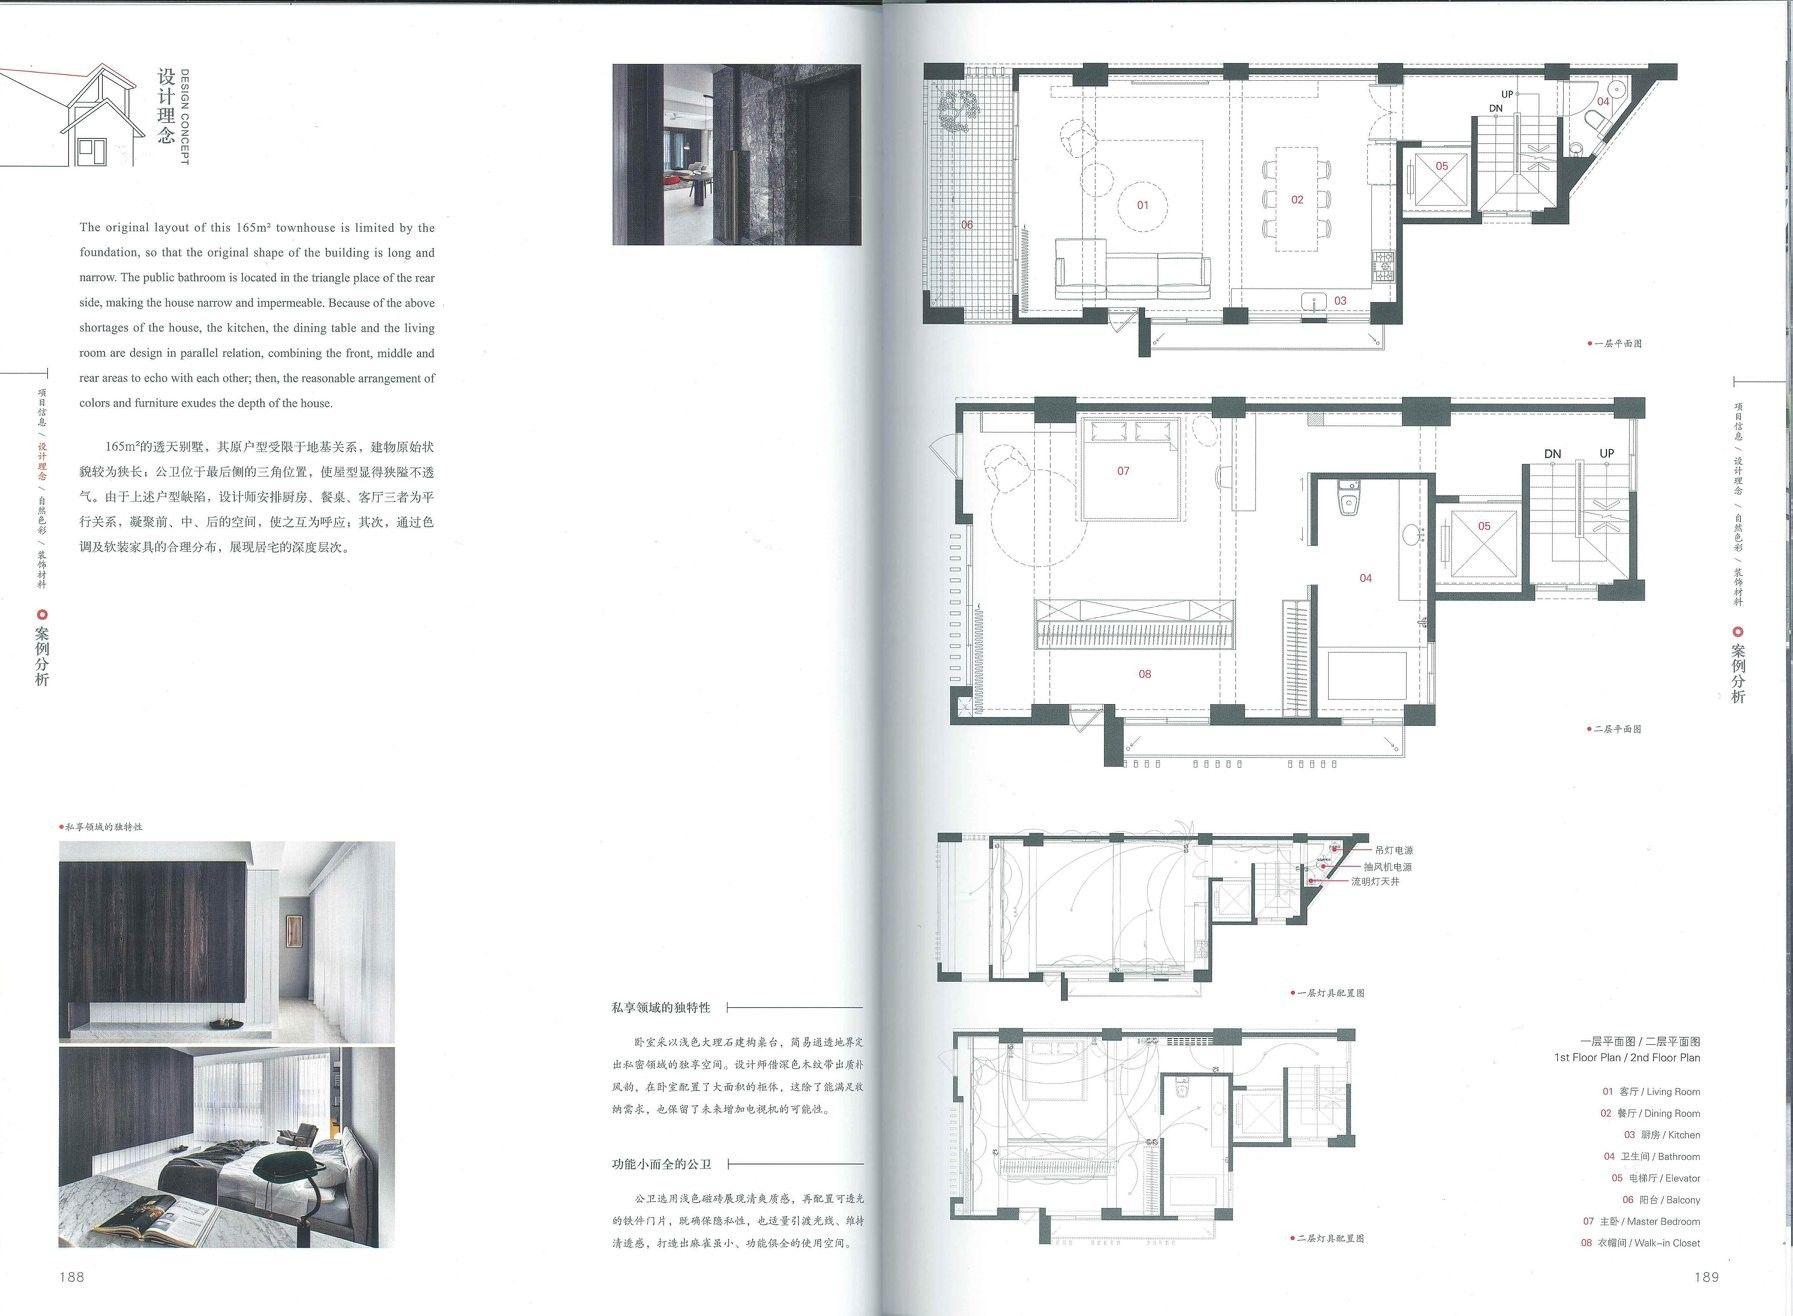 深圳視界出版社-宅在台灣-分子室內裝修設計作品-Straighten Up and Fly Right-2